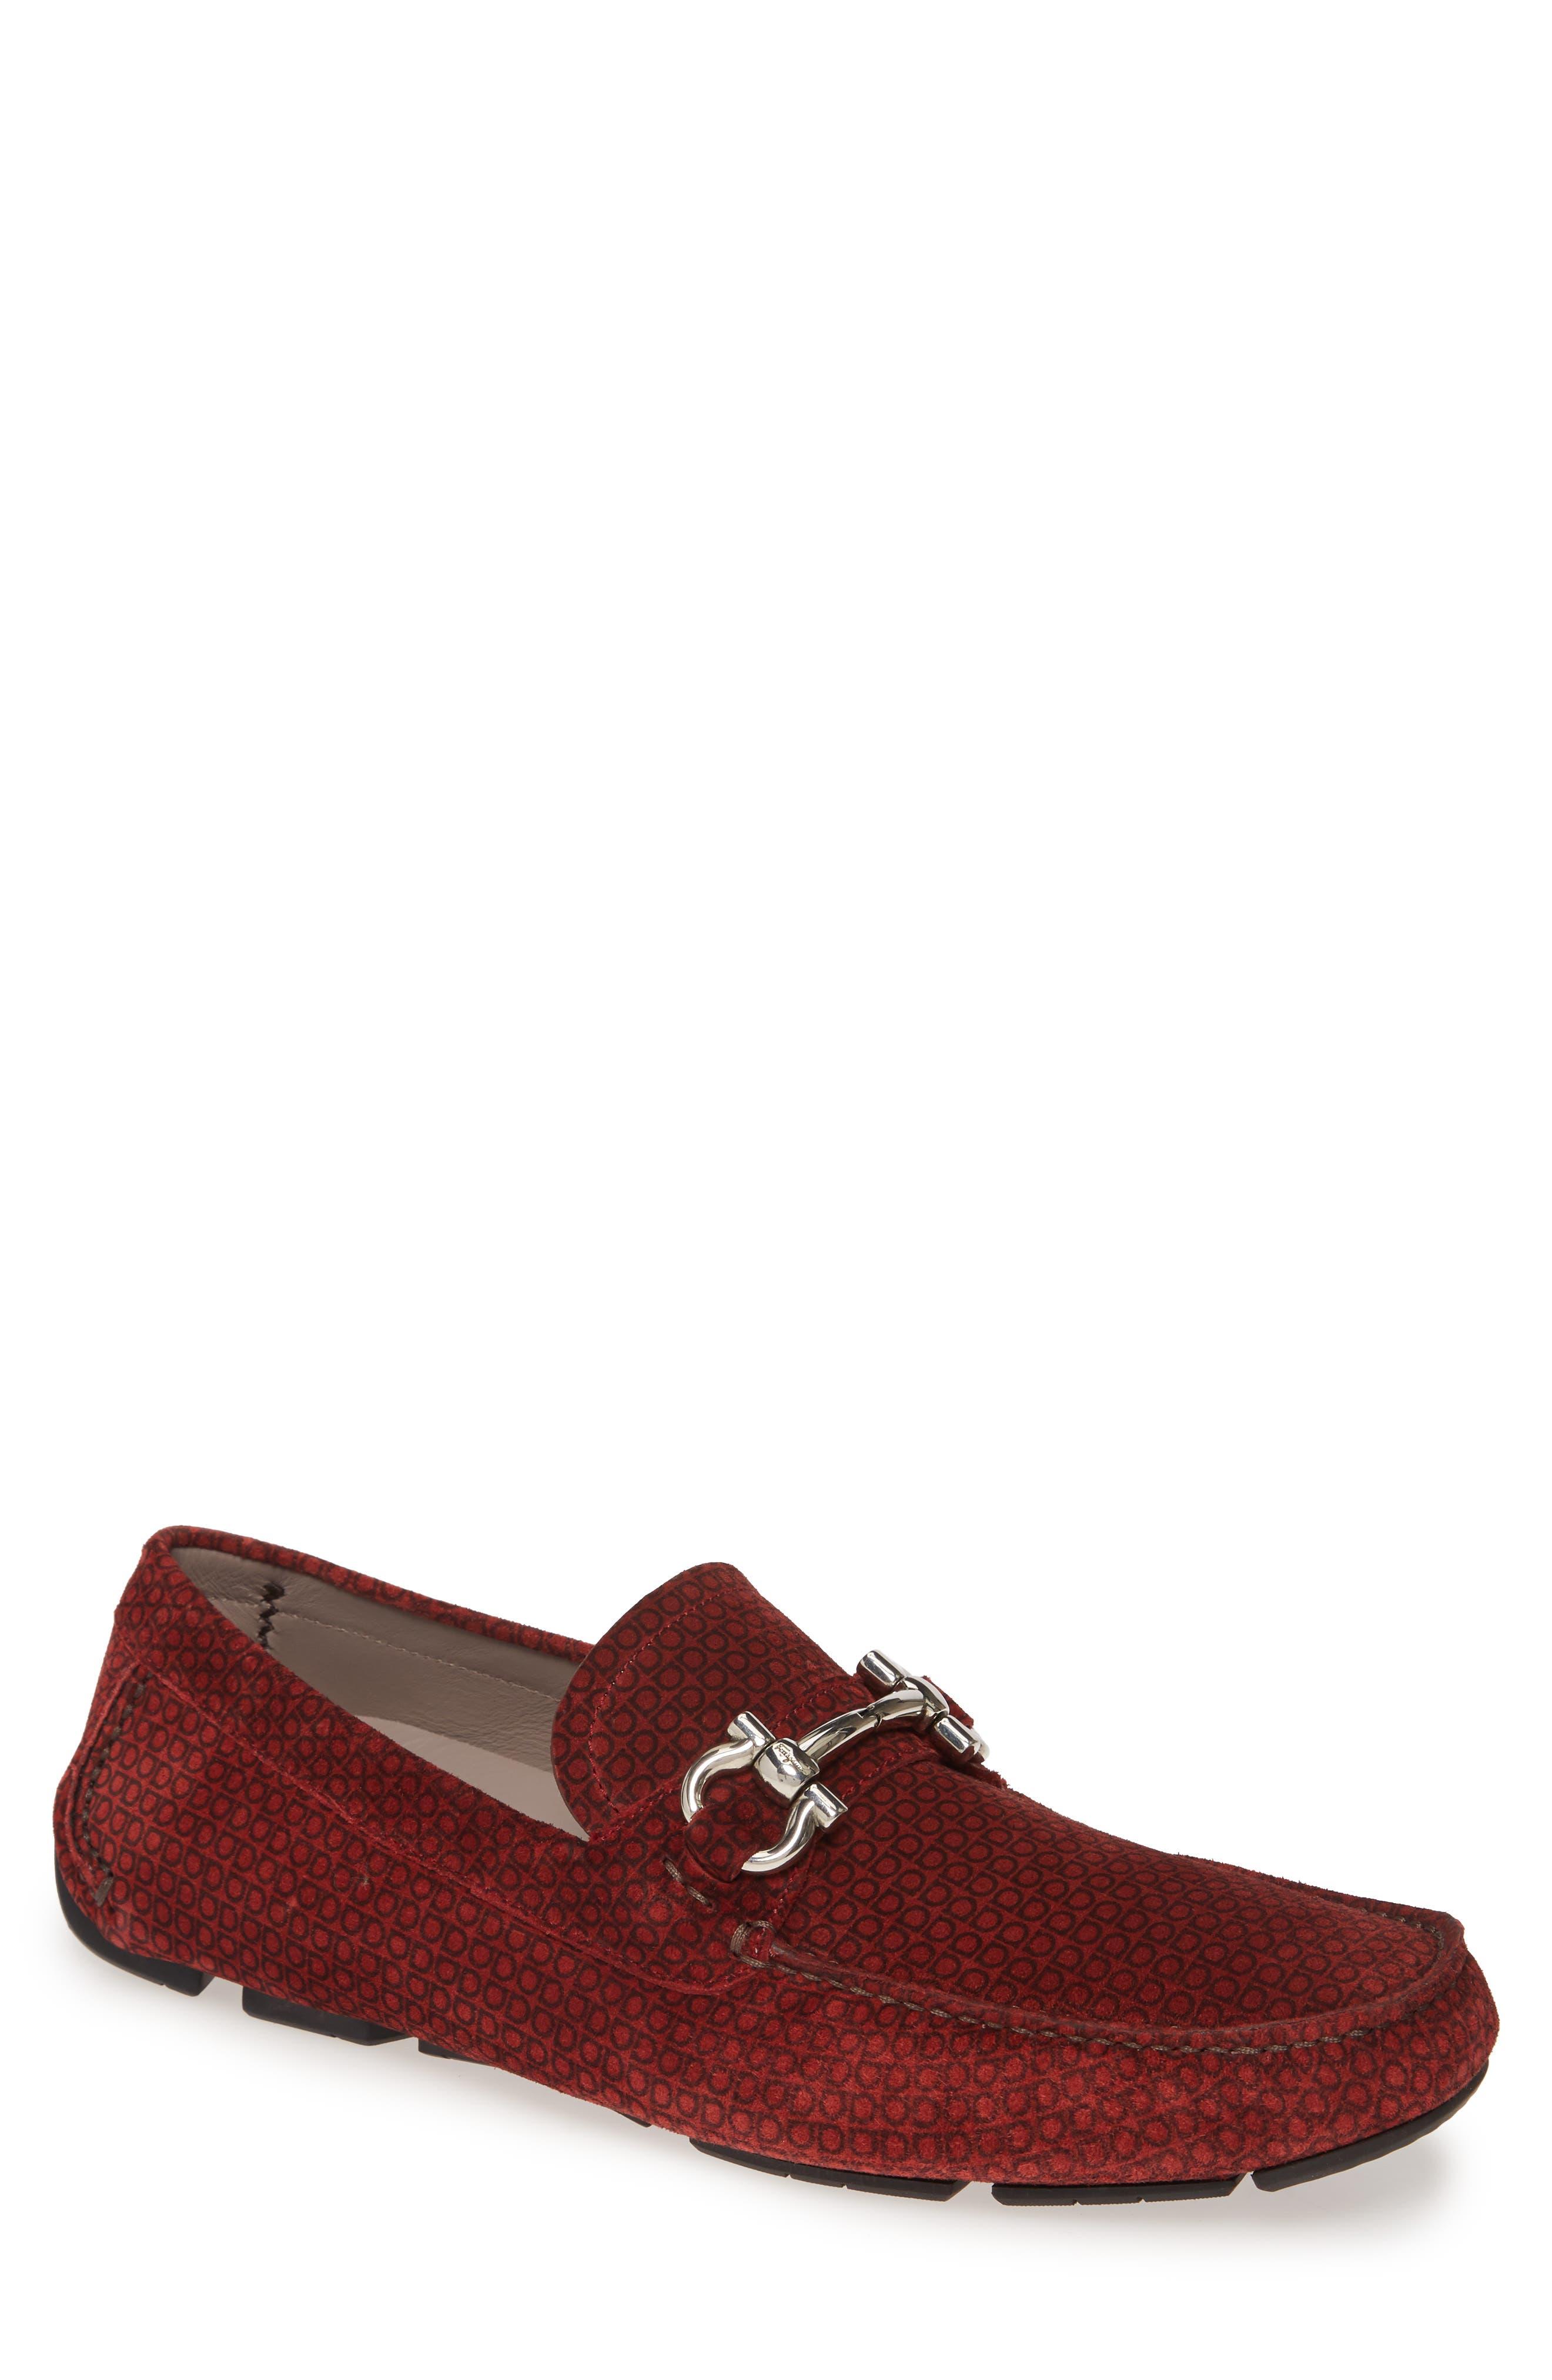 39169a2512b Men's Designer Shoes | Nordstrom